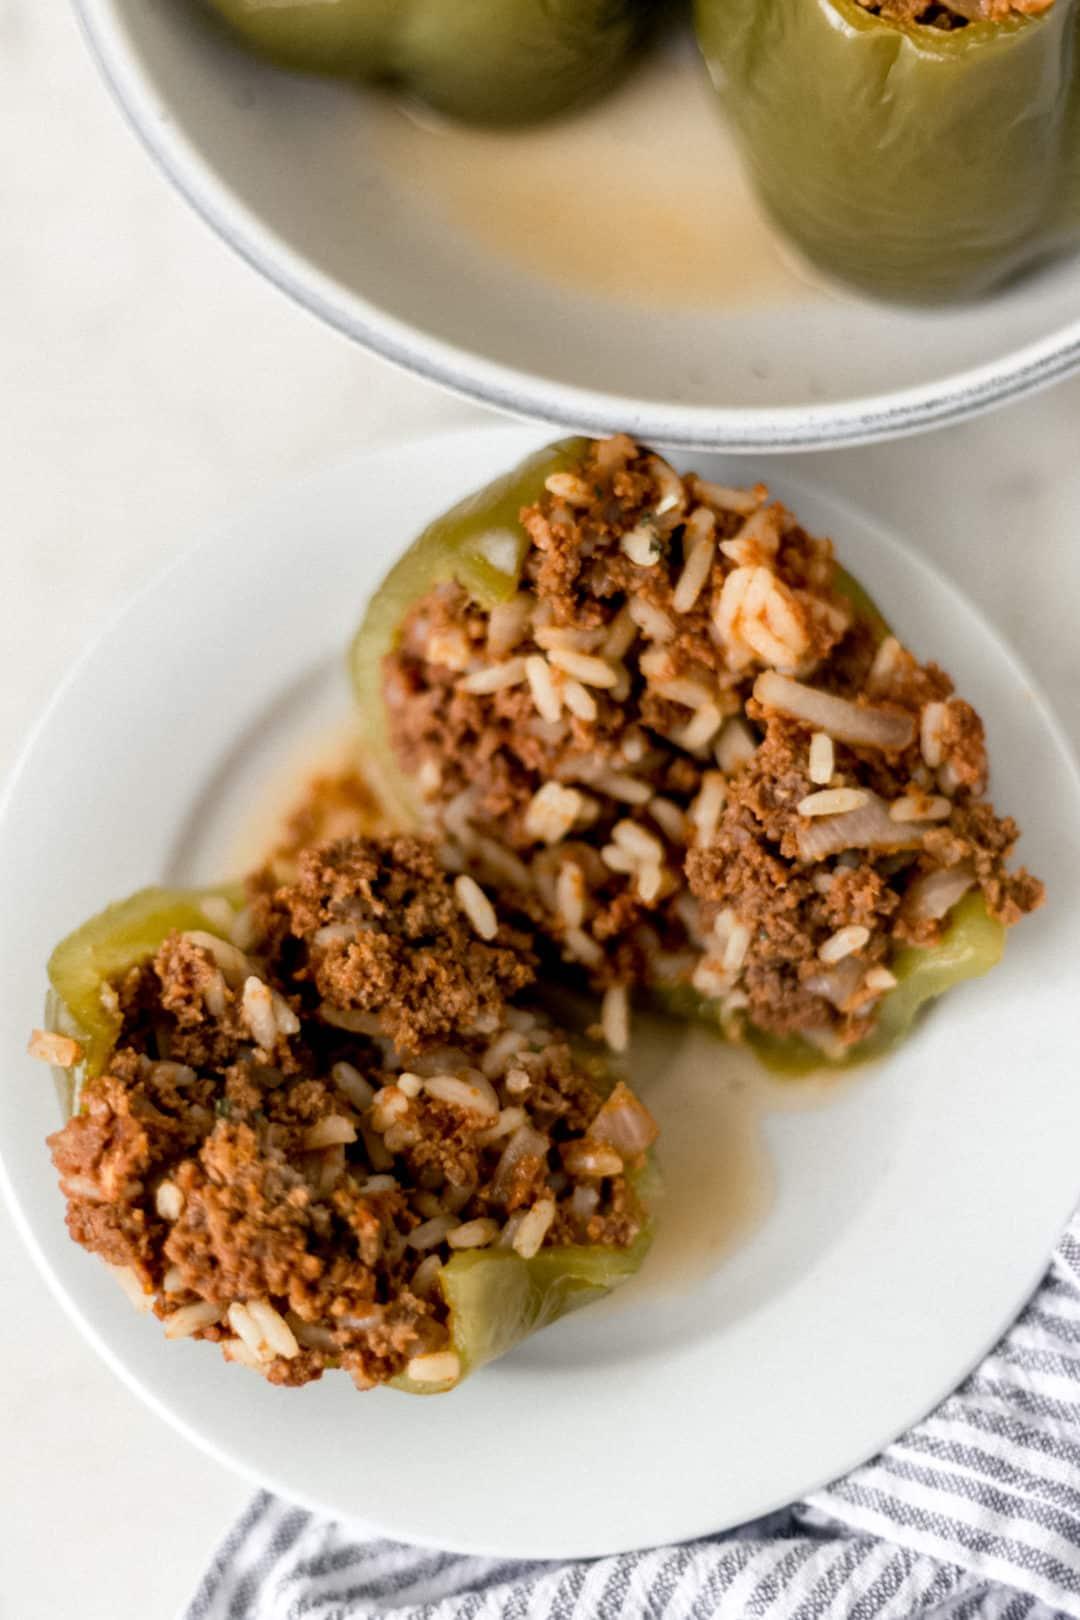 stuffed pepper on a white plate cut in half